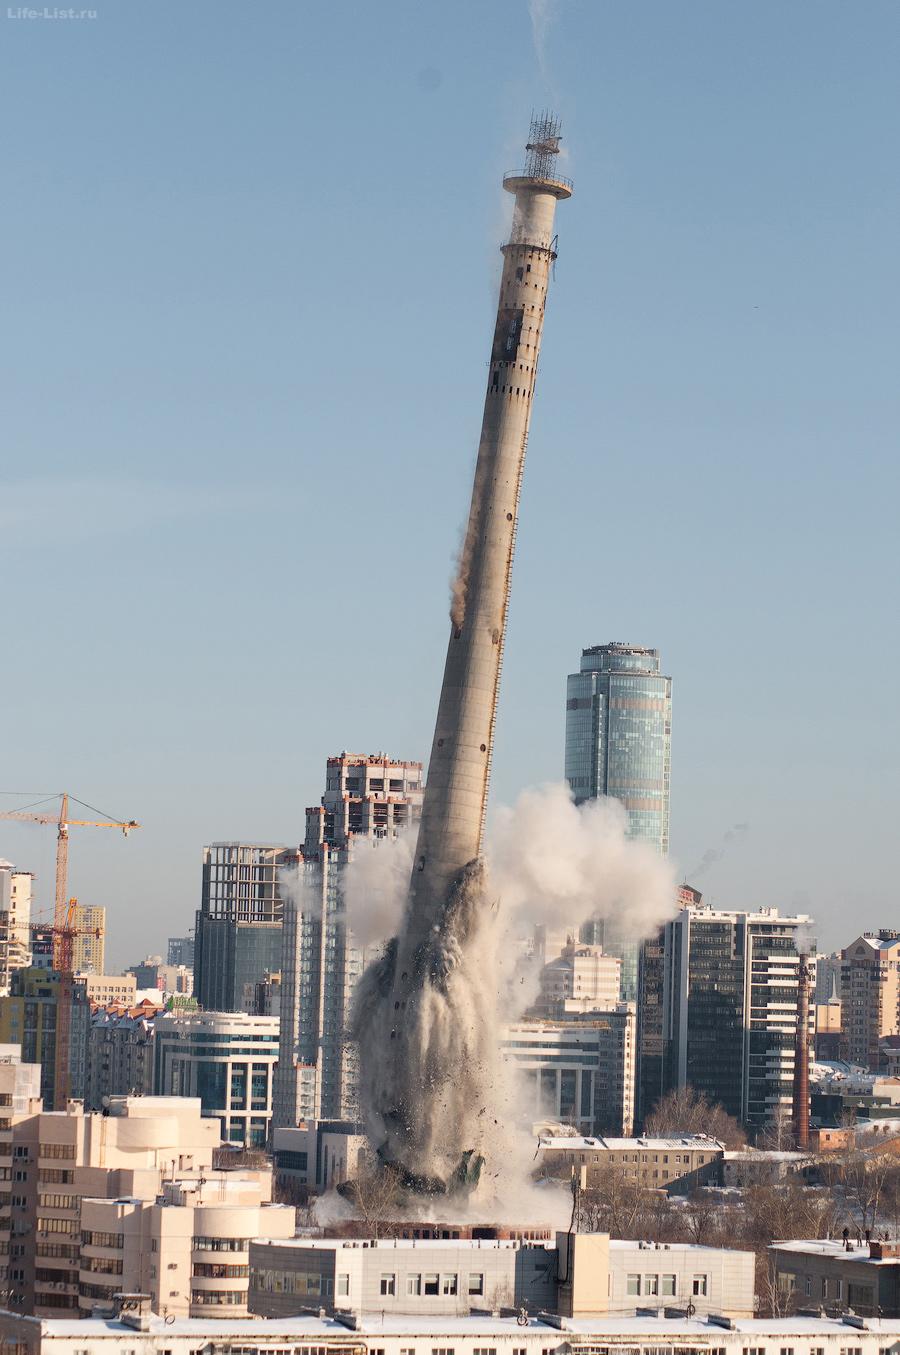 Момент сноса заброшенной башни Екатеринбург 2018